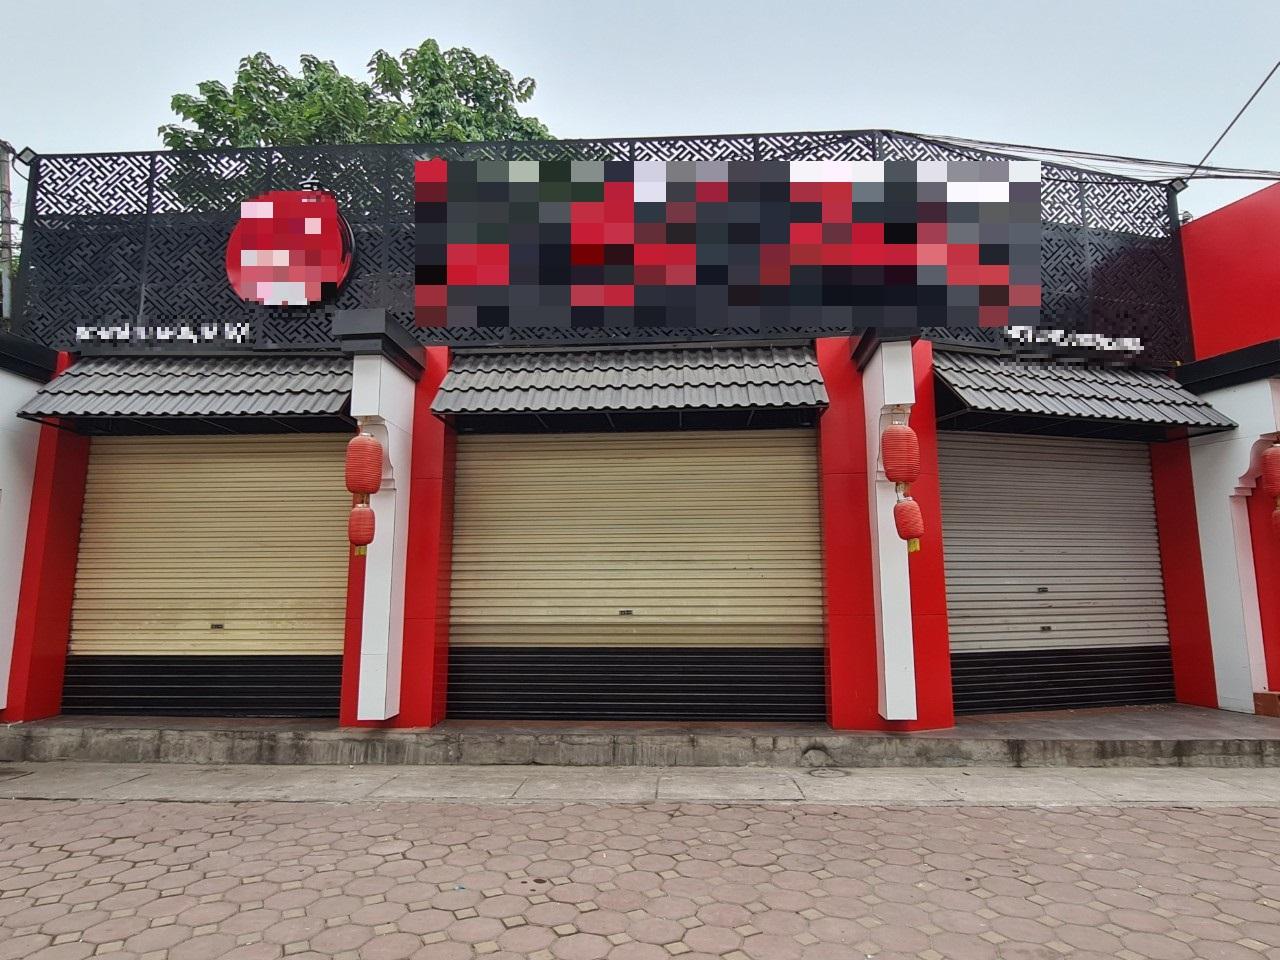 Xuất hiện mô hình kinh doanh 'bar street' độc đáo giữa lòng Hà Nội - Ảnh 2.